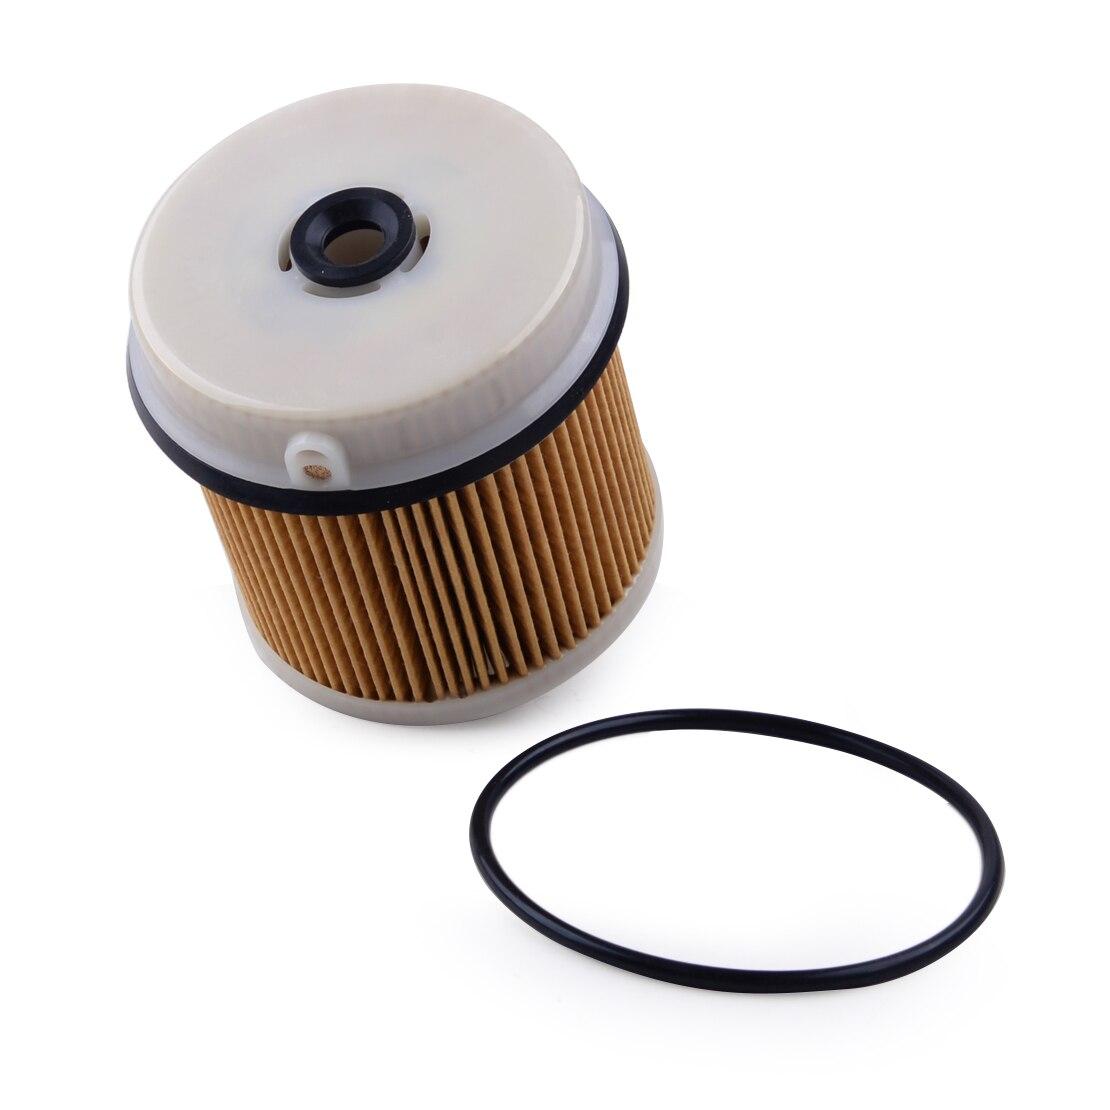 98162897 filtro de combustible de coche con junta tórica de repuesto apto para Isuzu NPR FVR NPR-HD FXR NQR